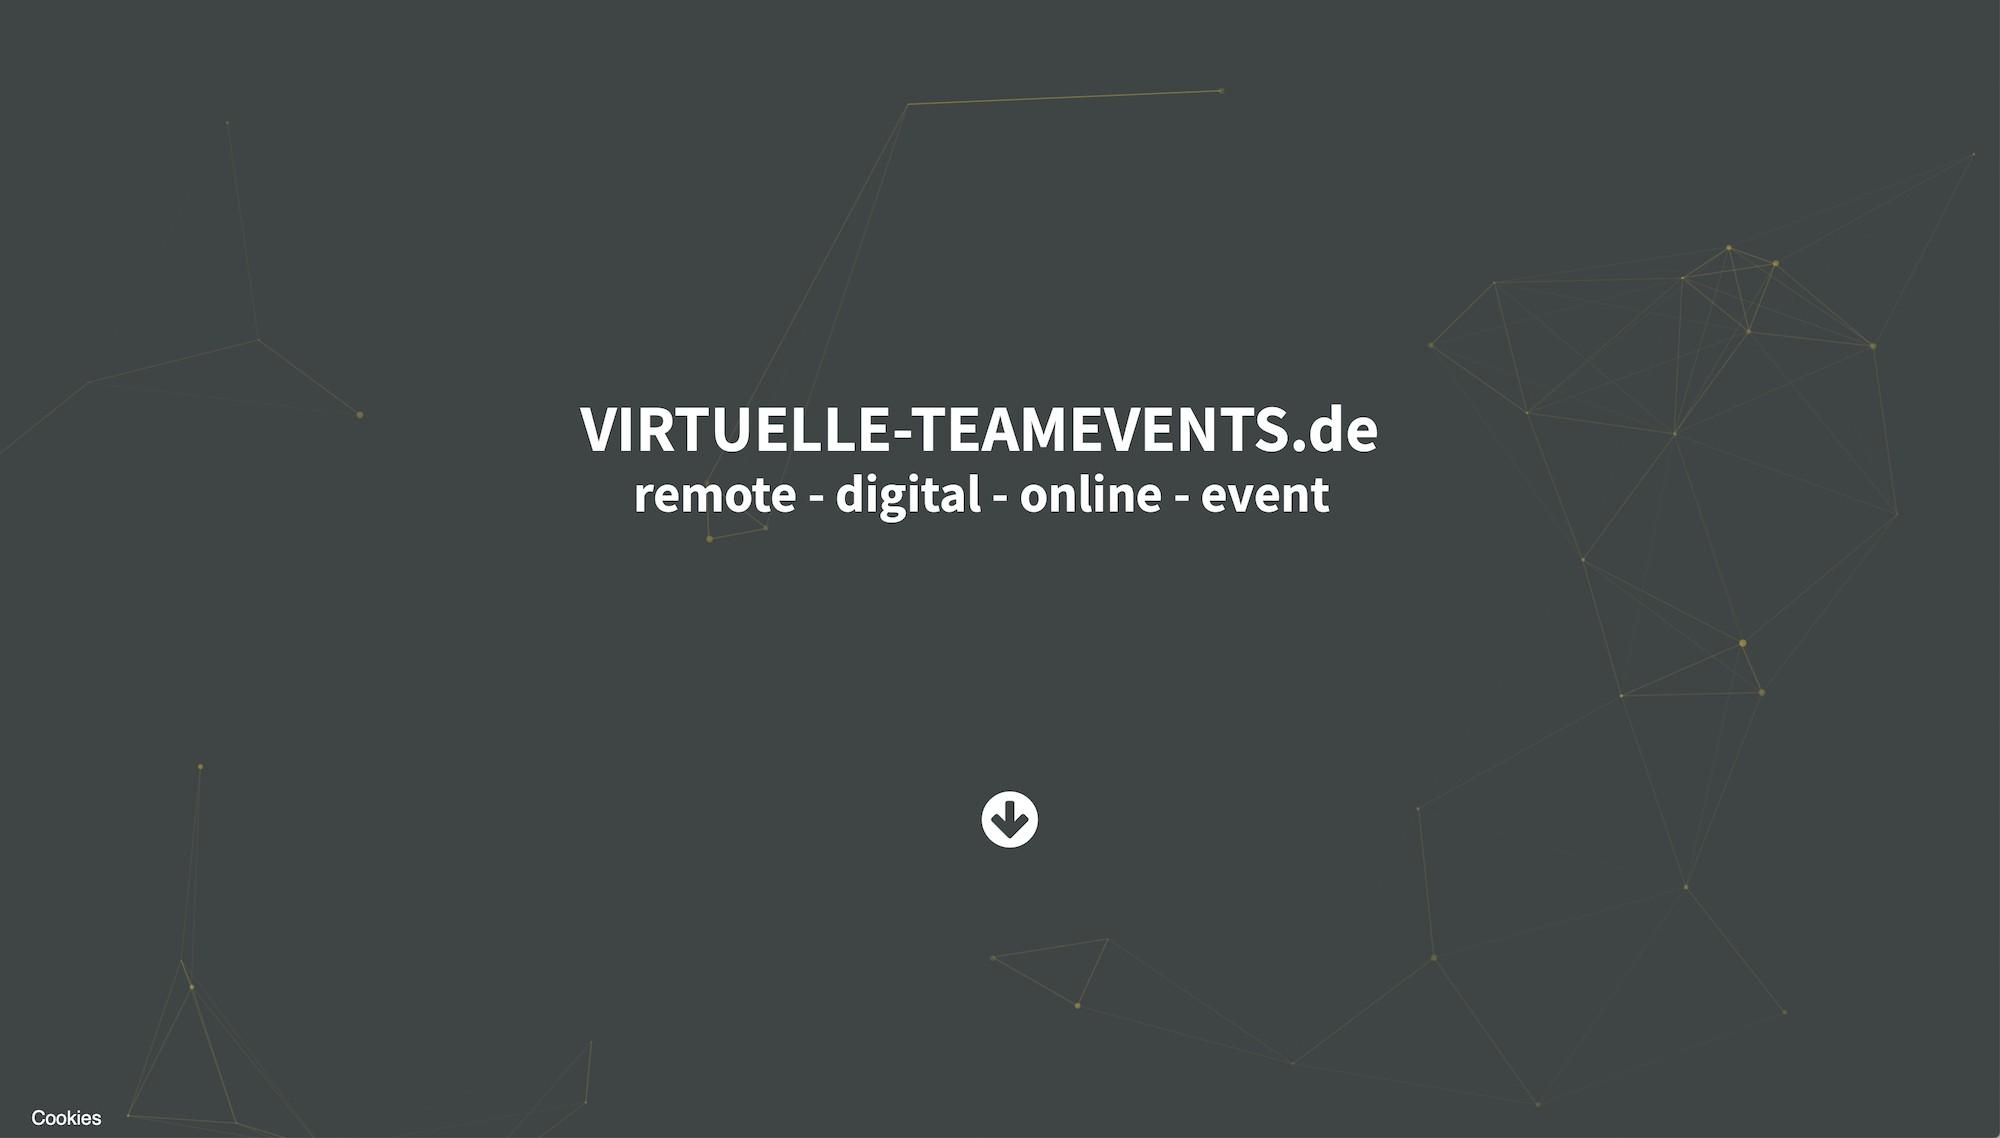 www.Virtuelle-Teamevents.de